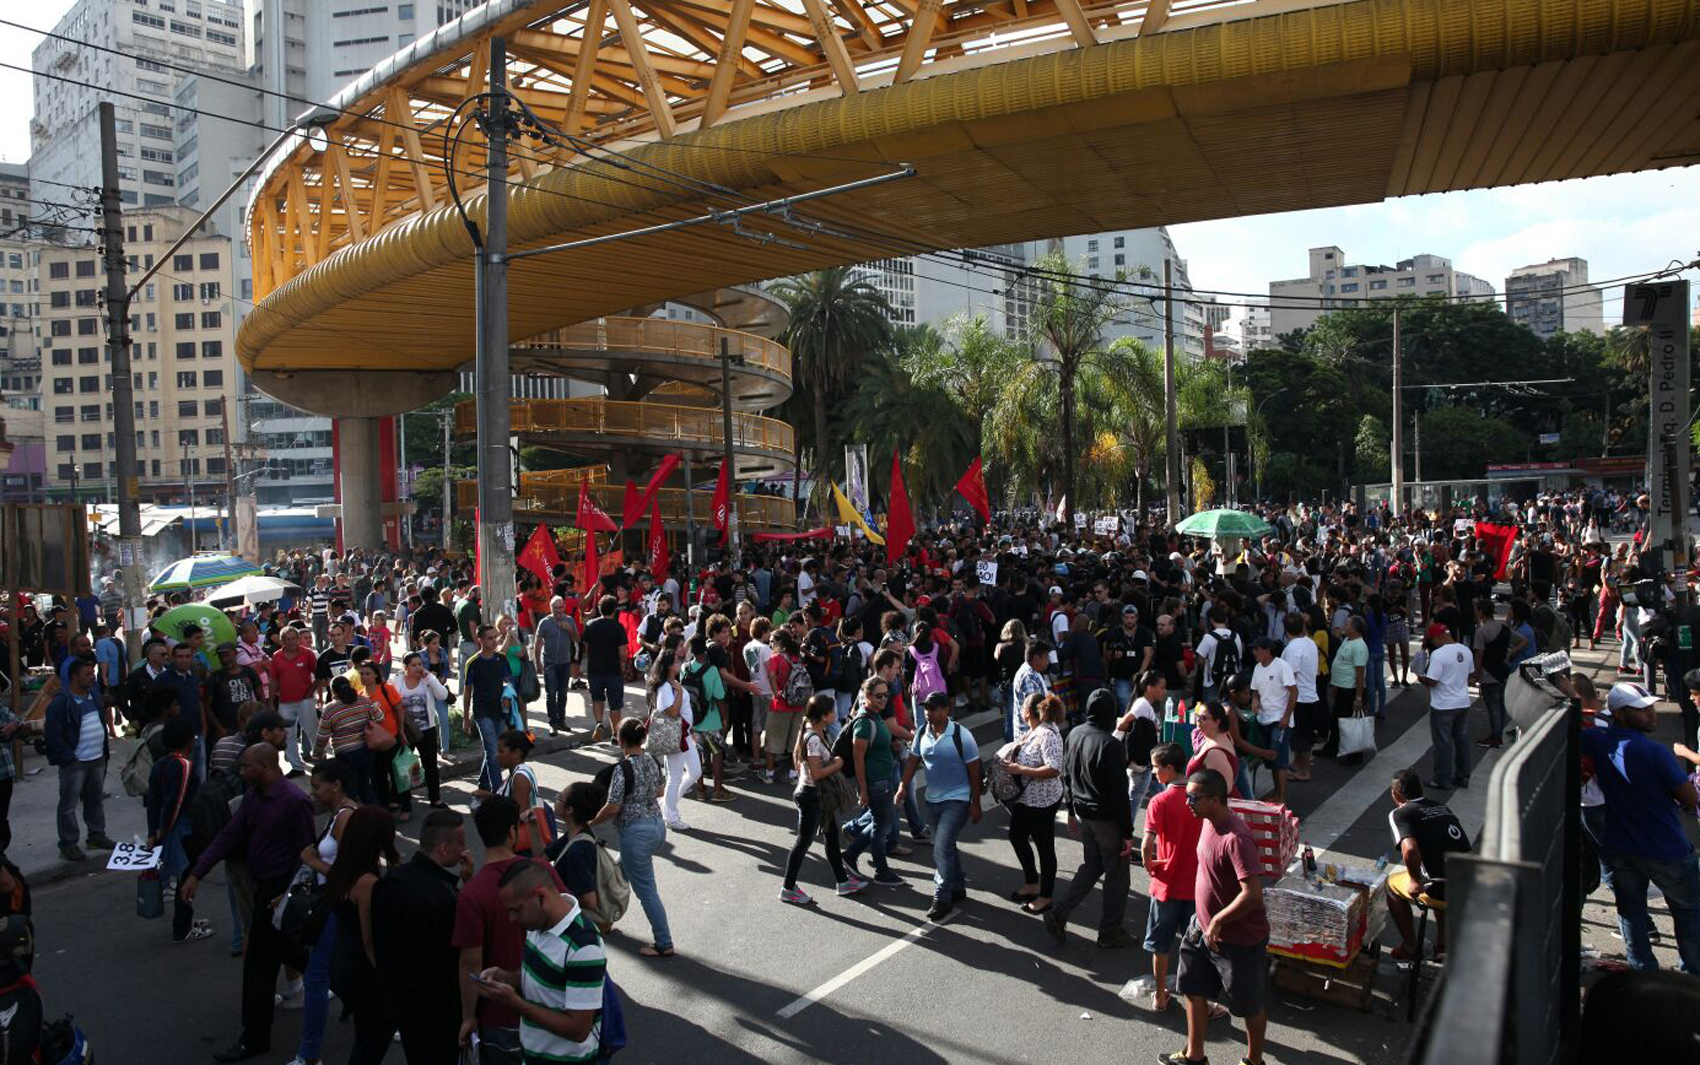 Manifestantes se concentram no Parque Dom Pedro para o 5º ato contra o aumento das tarifas do transporte público